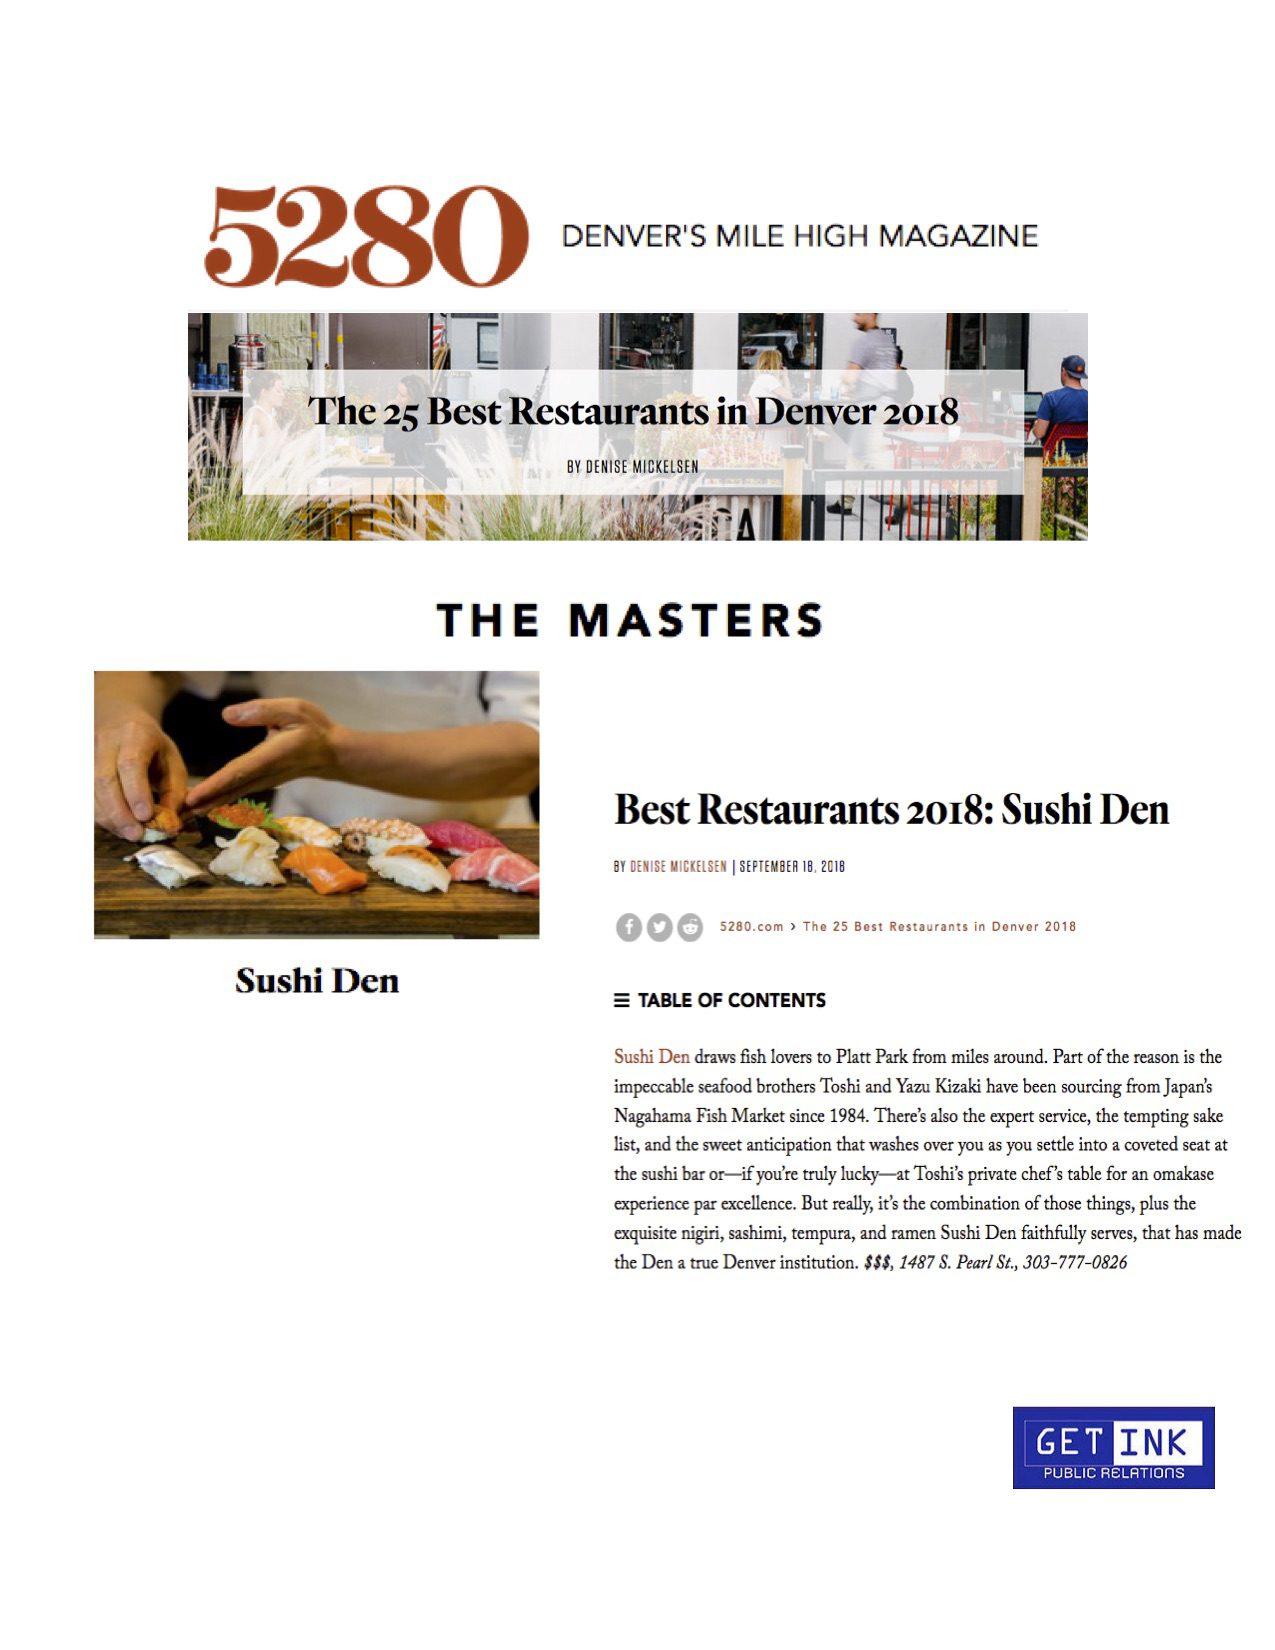 Best restaurant Denver Sushi Den in 5280 Magazine - Get Ink Pr clients